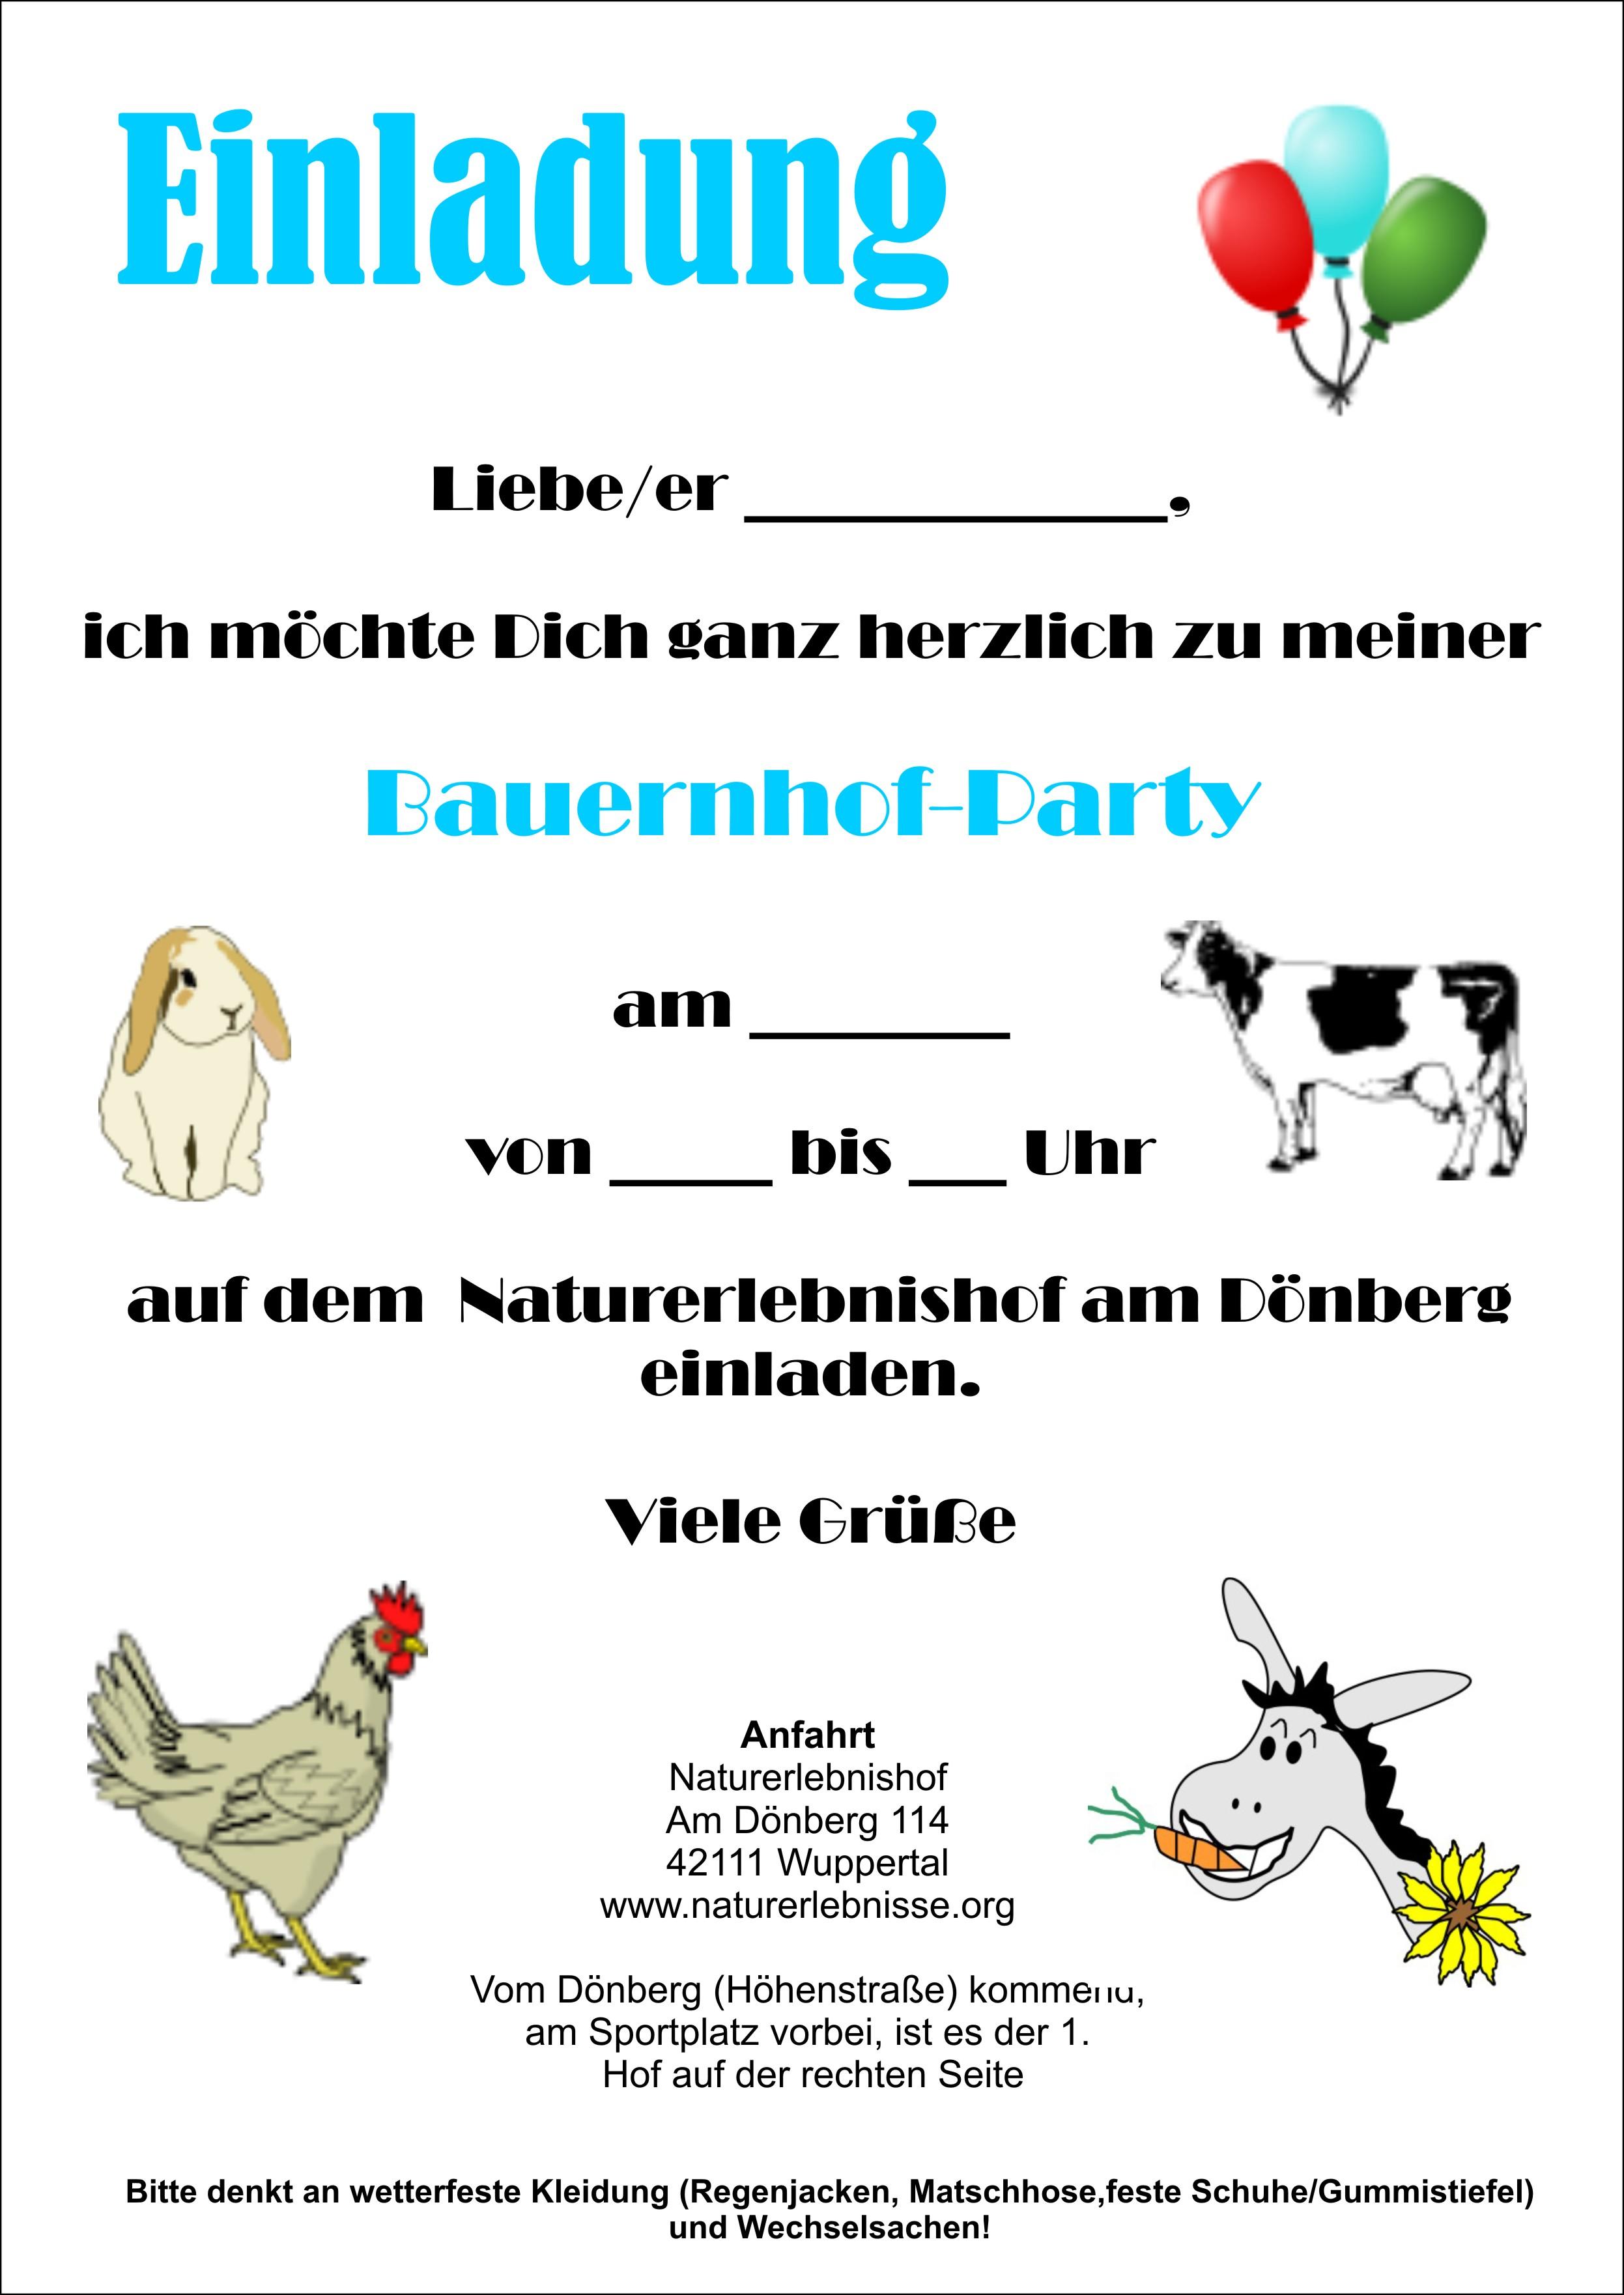 Schön Einladung Bauernhof Party